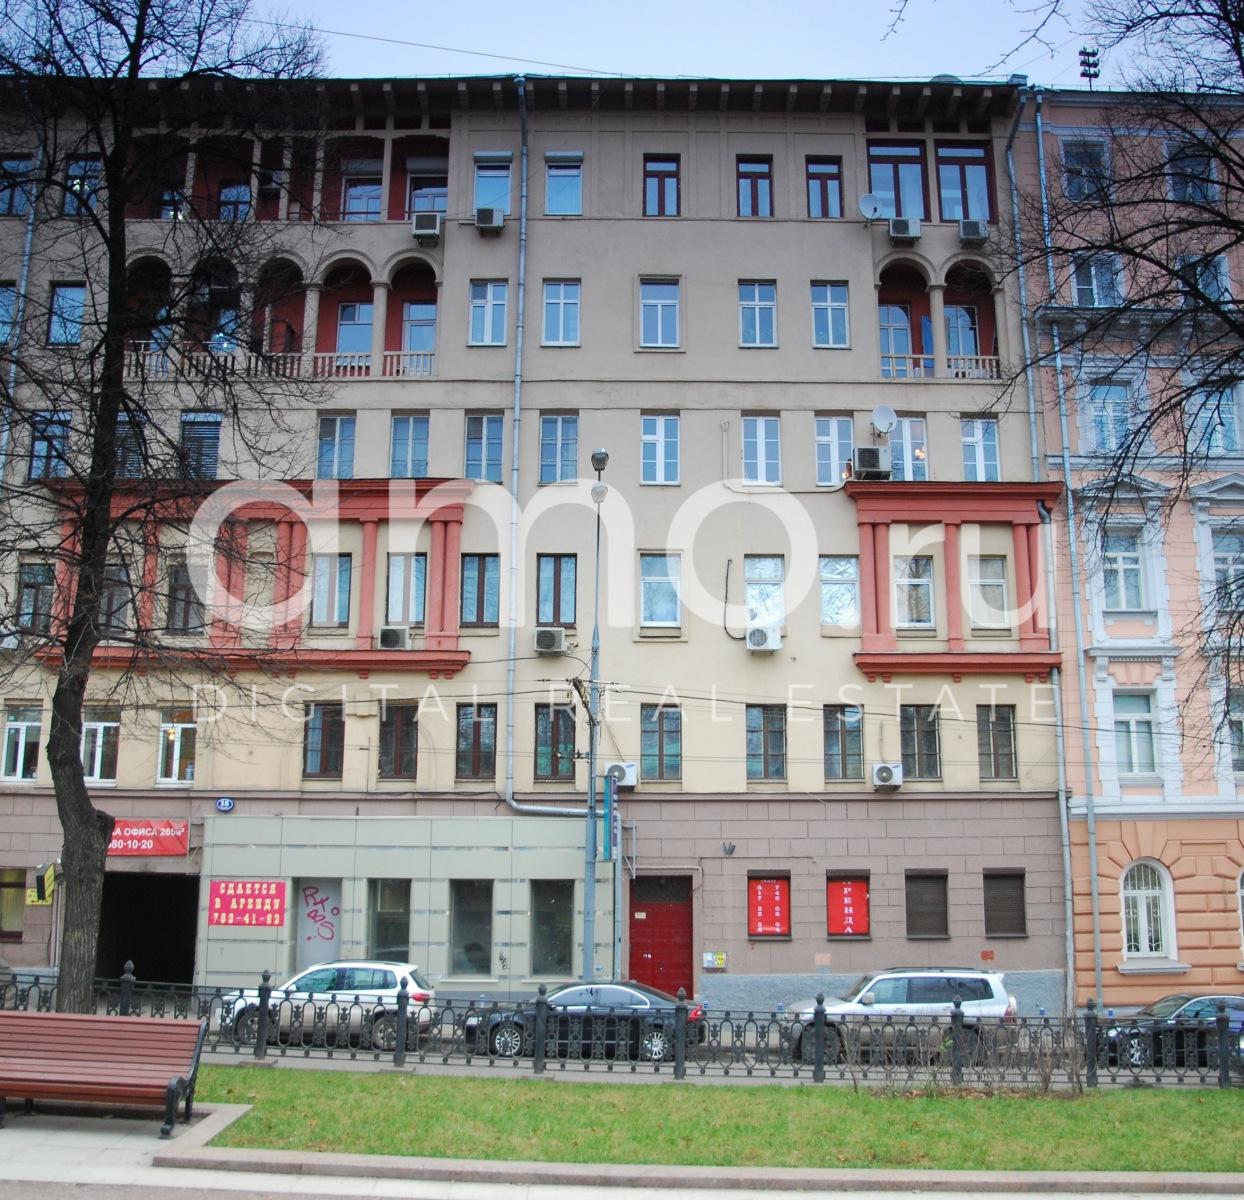 Аренда офисов от собственника Петровский переулок аренда офиса ленинградское шоссе 33